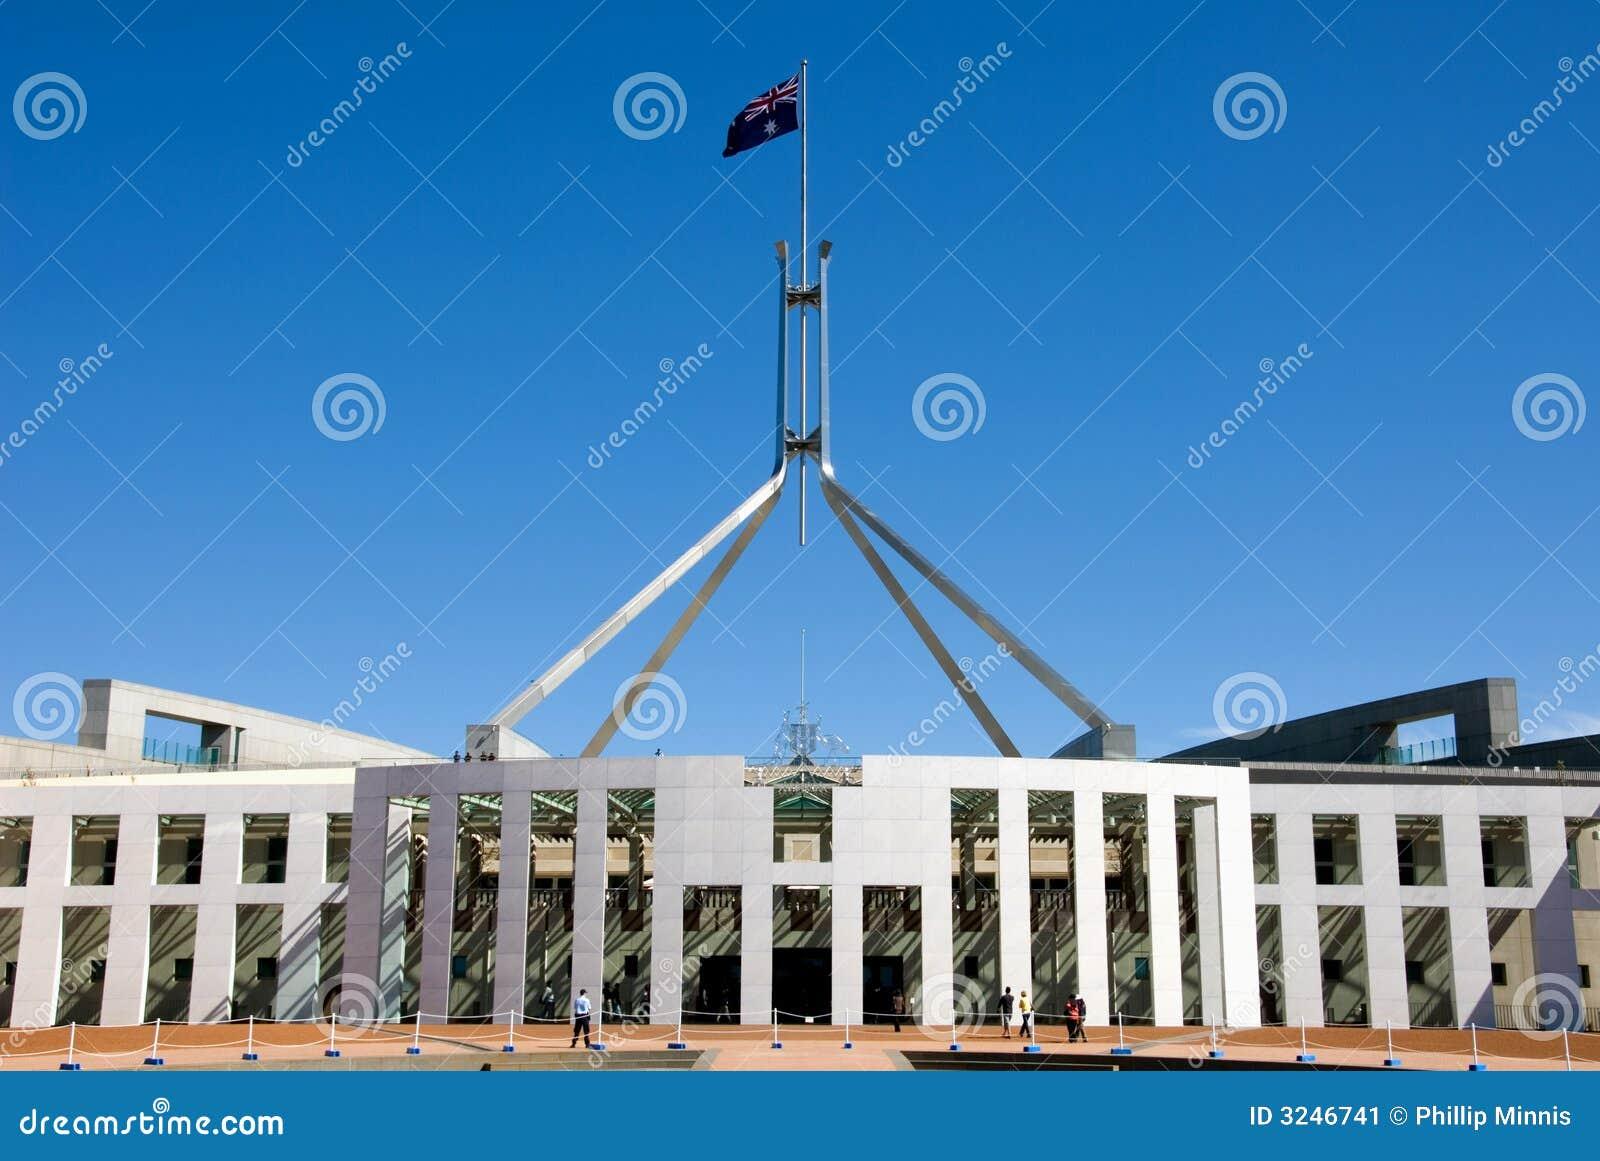 Parlament w domu